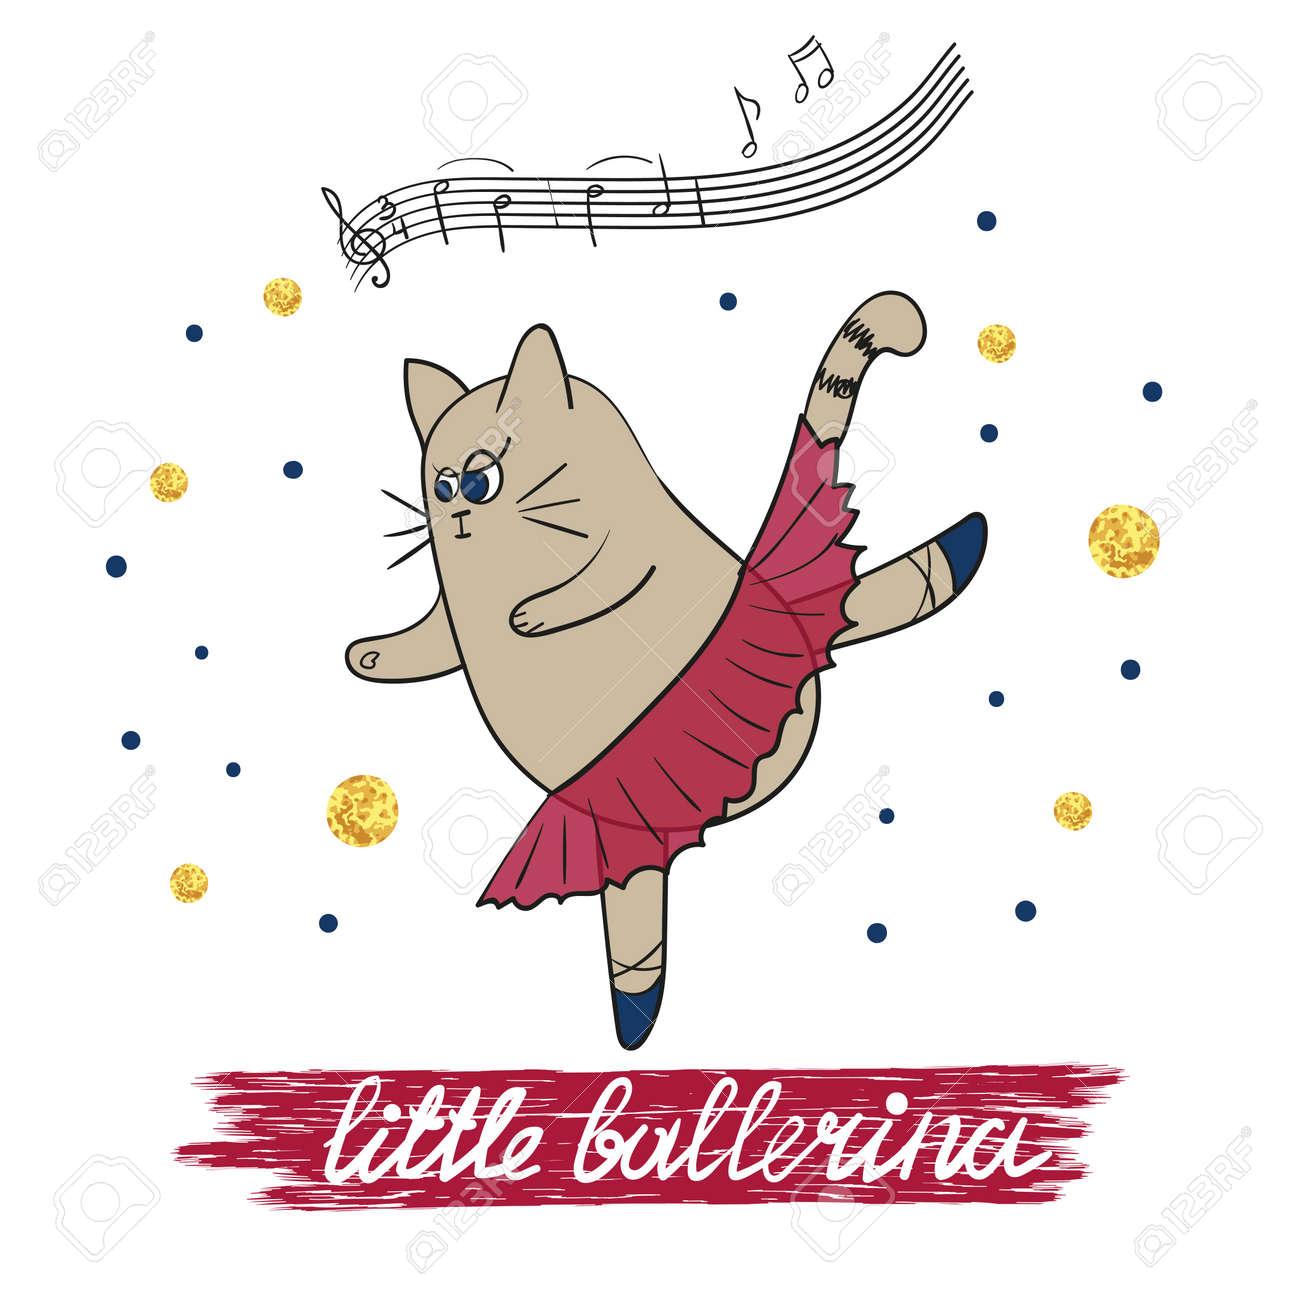 Poco Ilustración Vectorial Bailarina Adecuado Para La Tarjeta De Cumpleaños Invitación Del Partido Diseño De La Camiseta Gato Lindo Baile De La